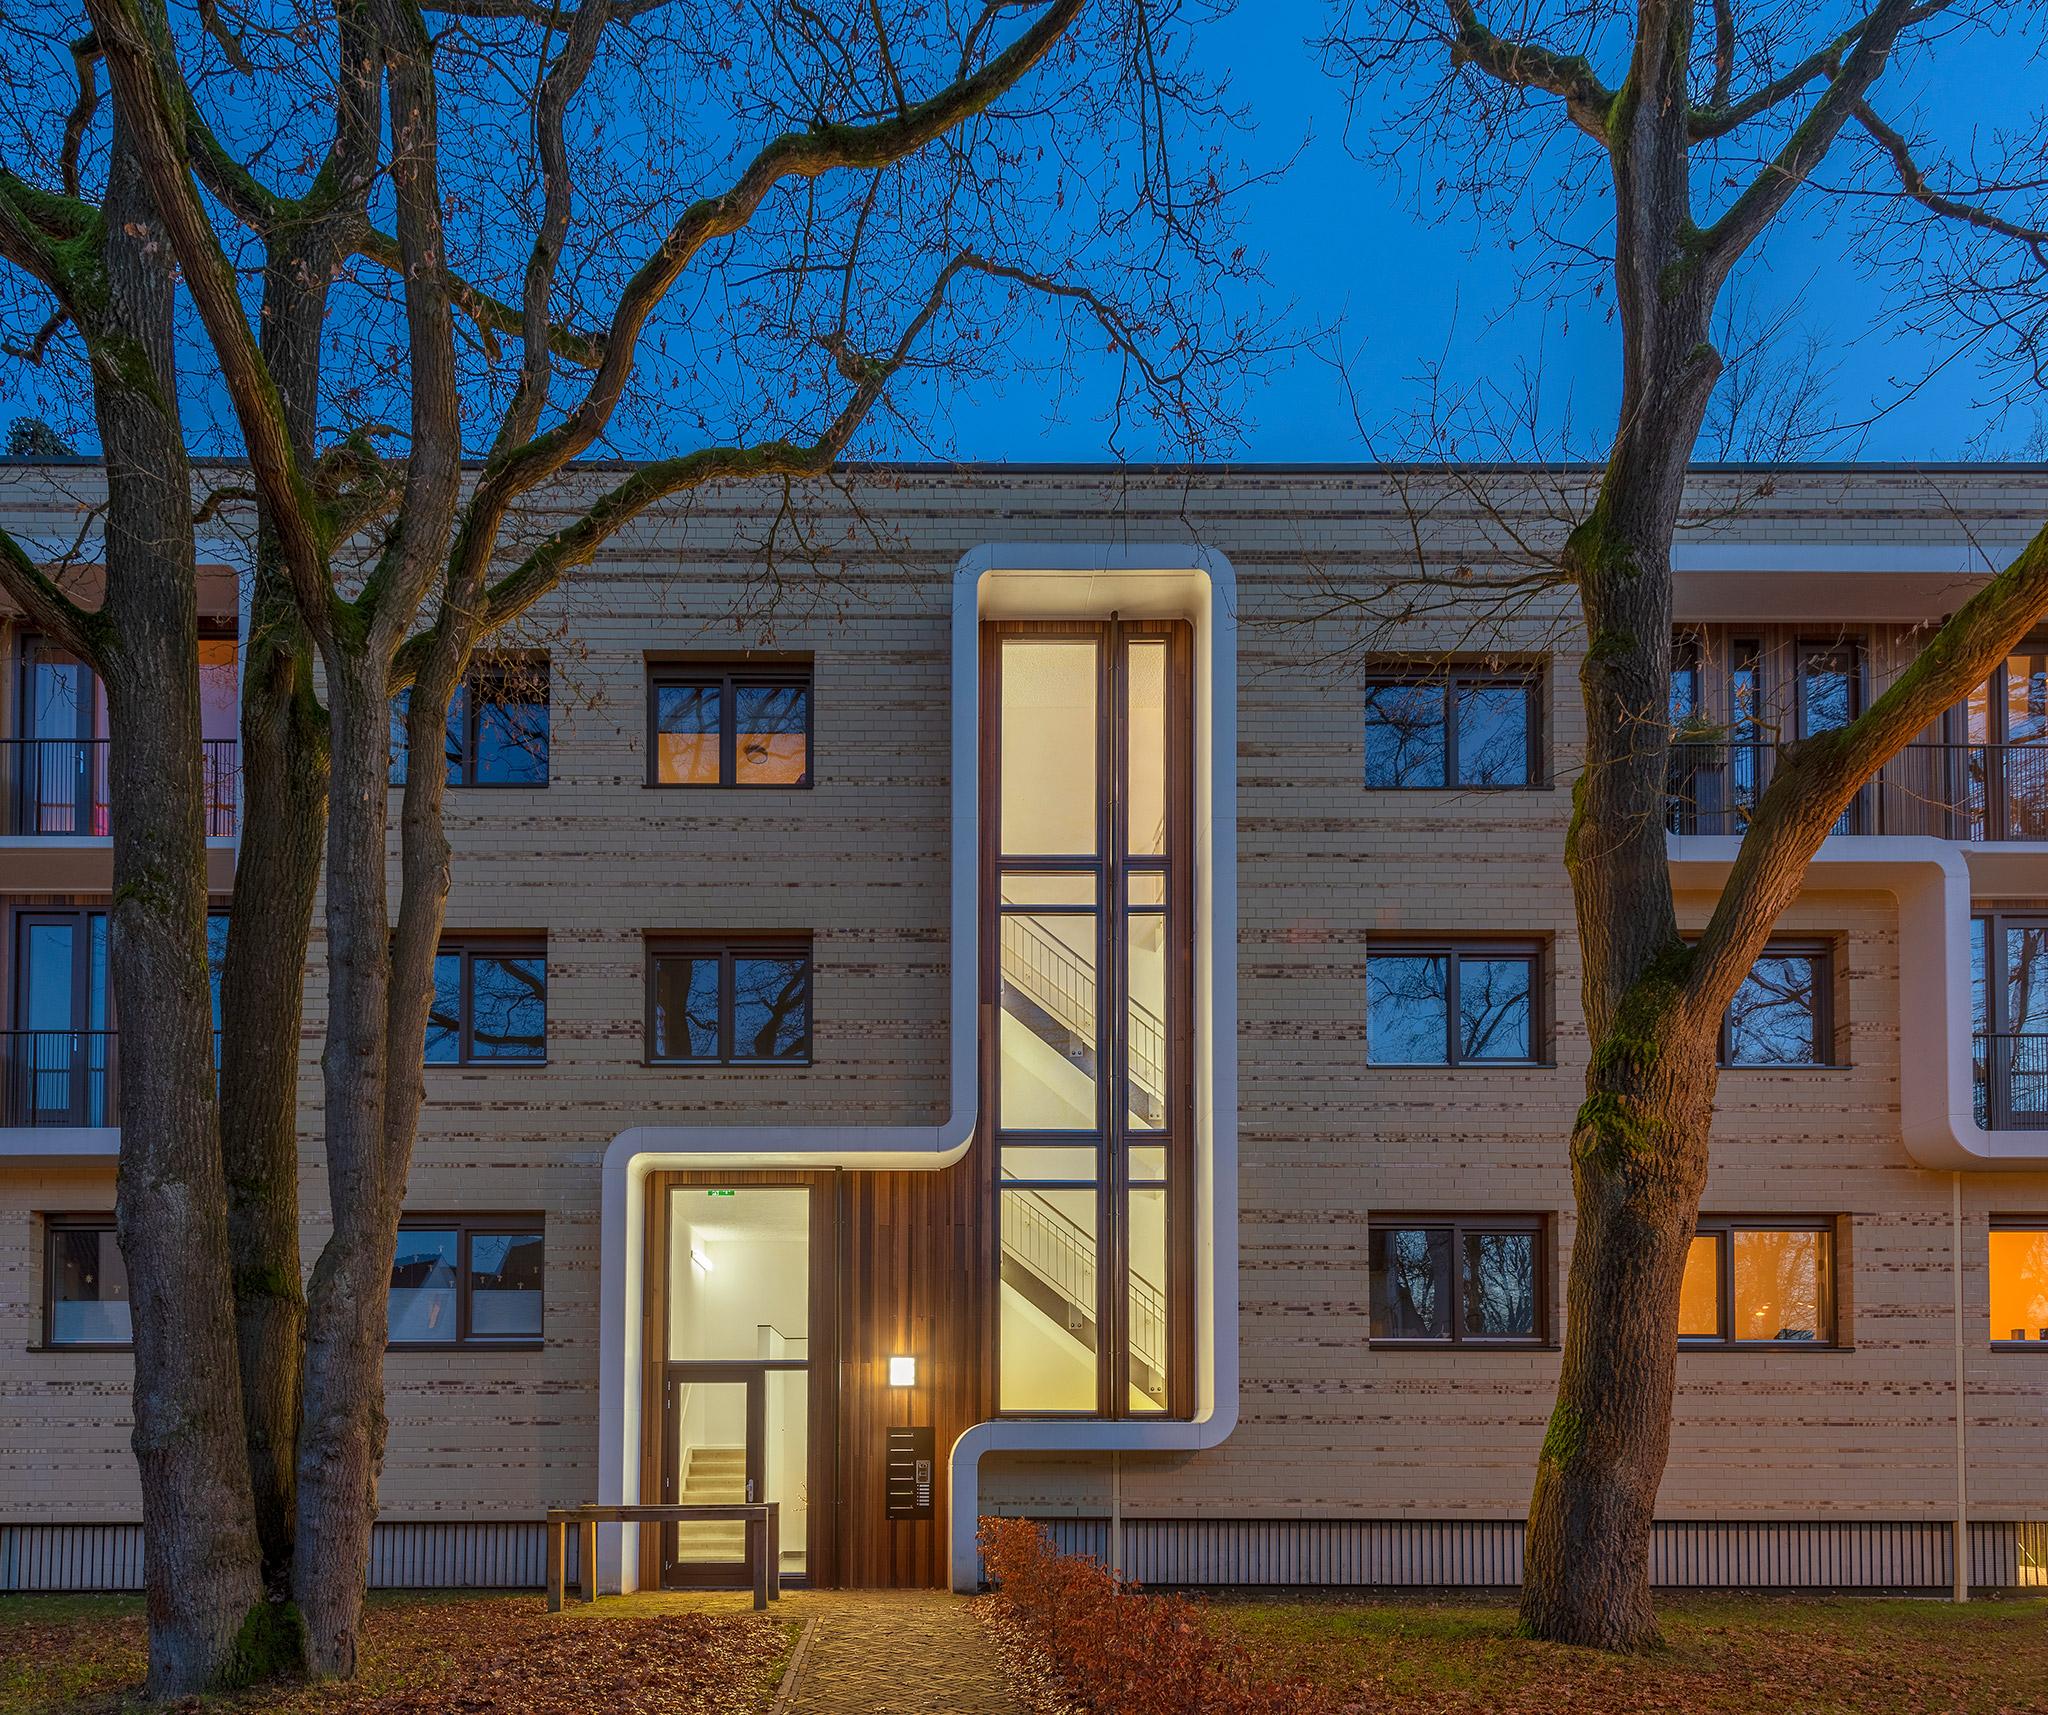 Simone Drost Architecture Planet Pab Architecture Appartementen Stdhouderspark Vught fragment entree gebouw bij schemer